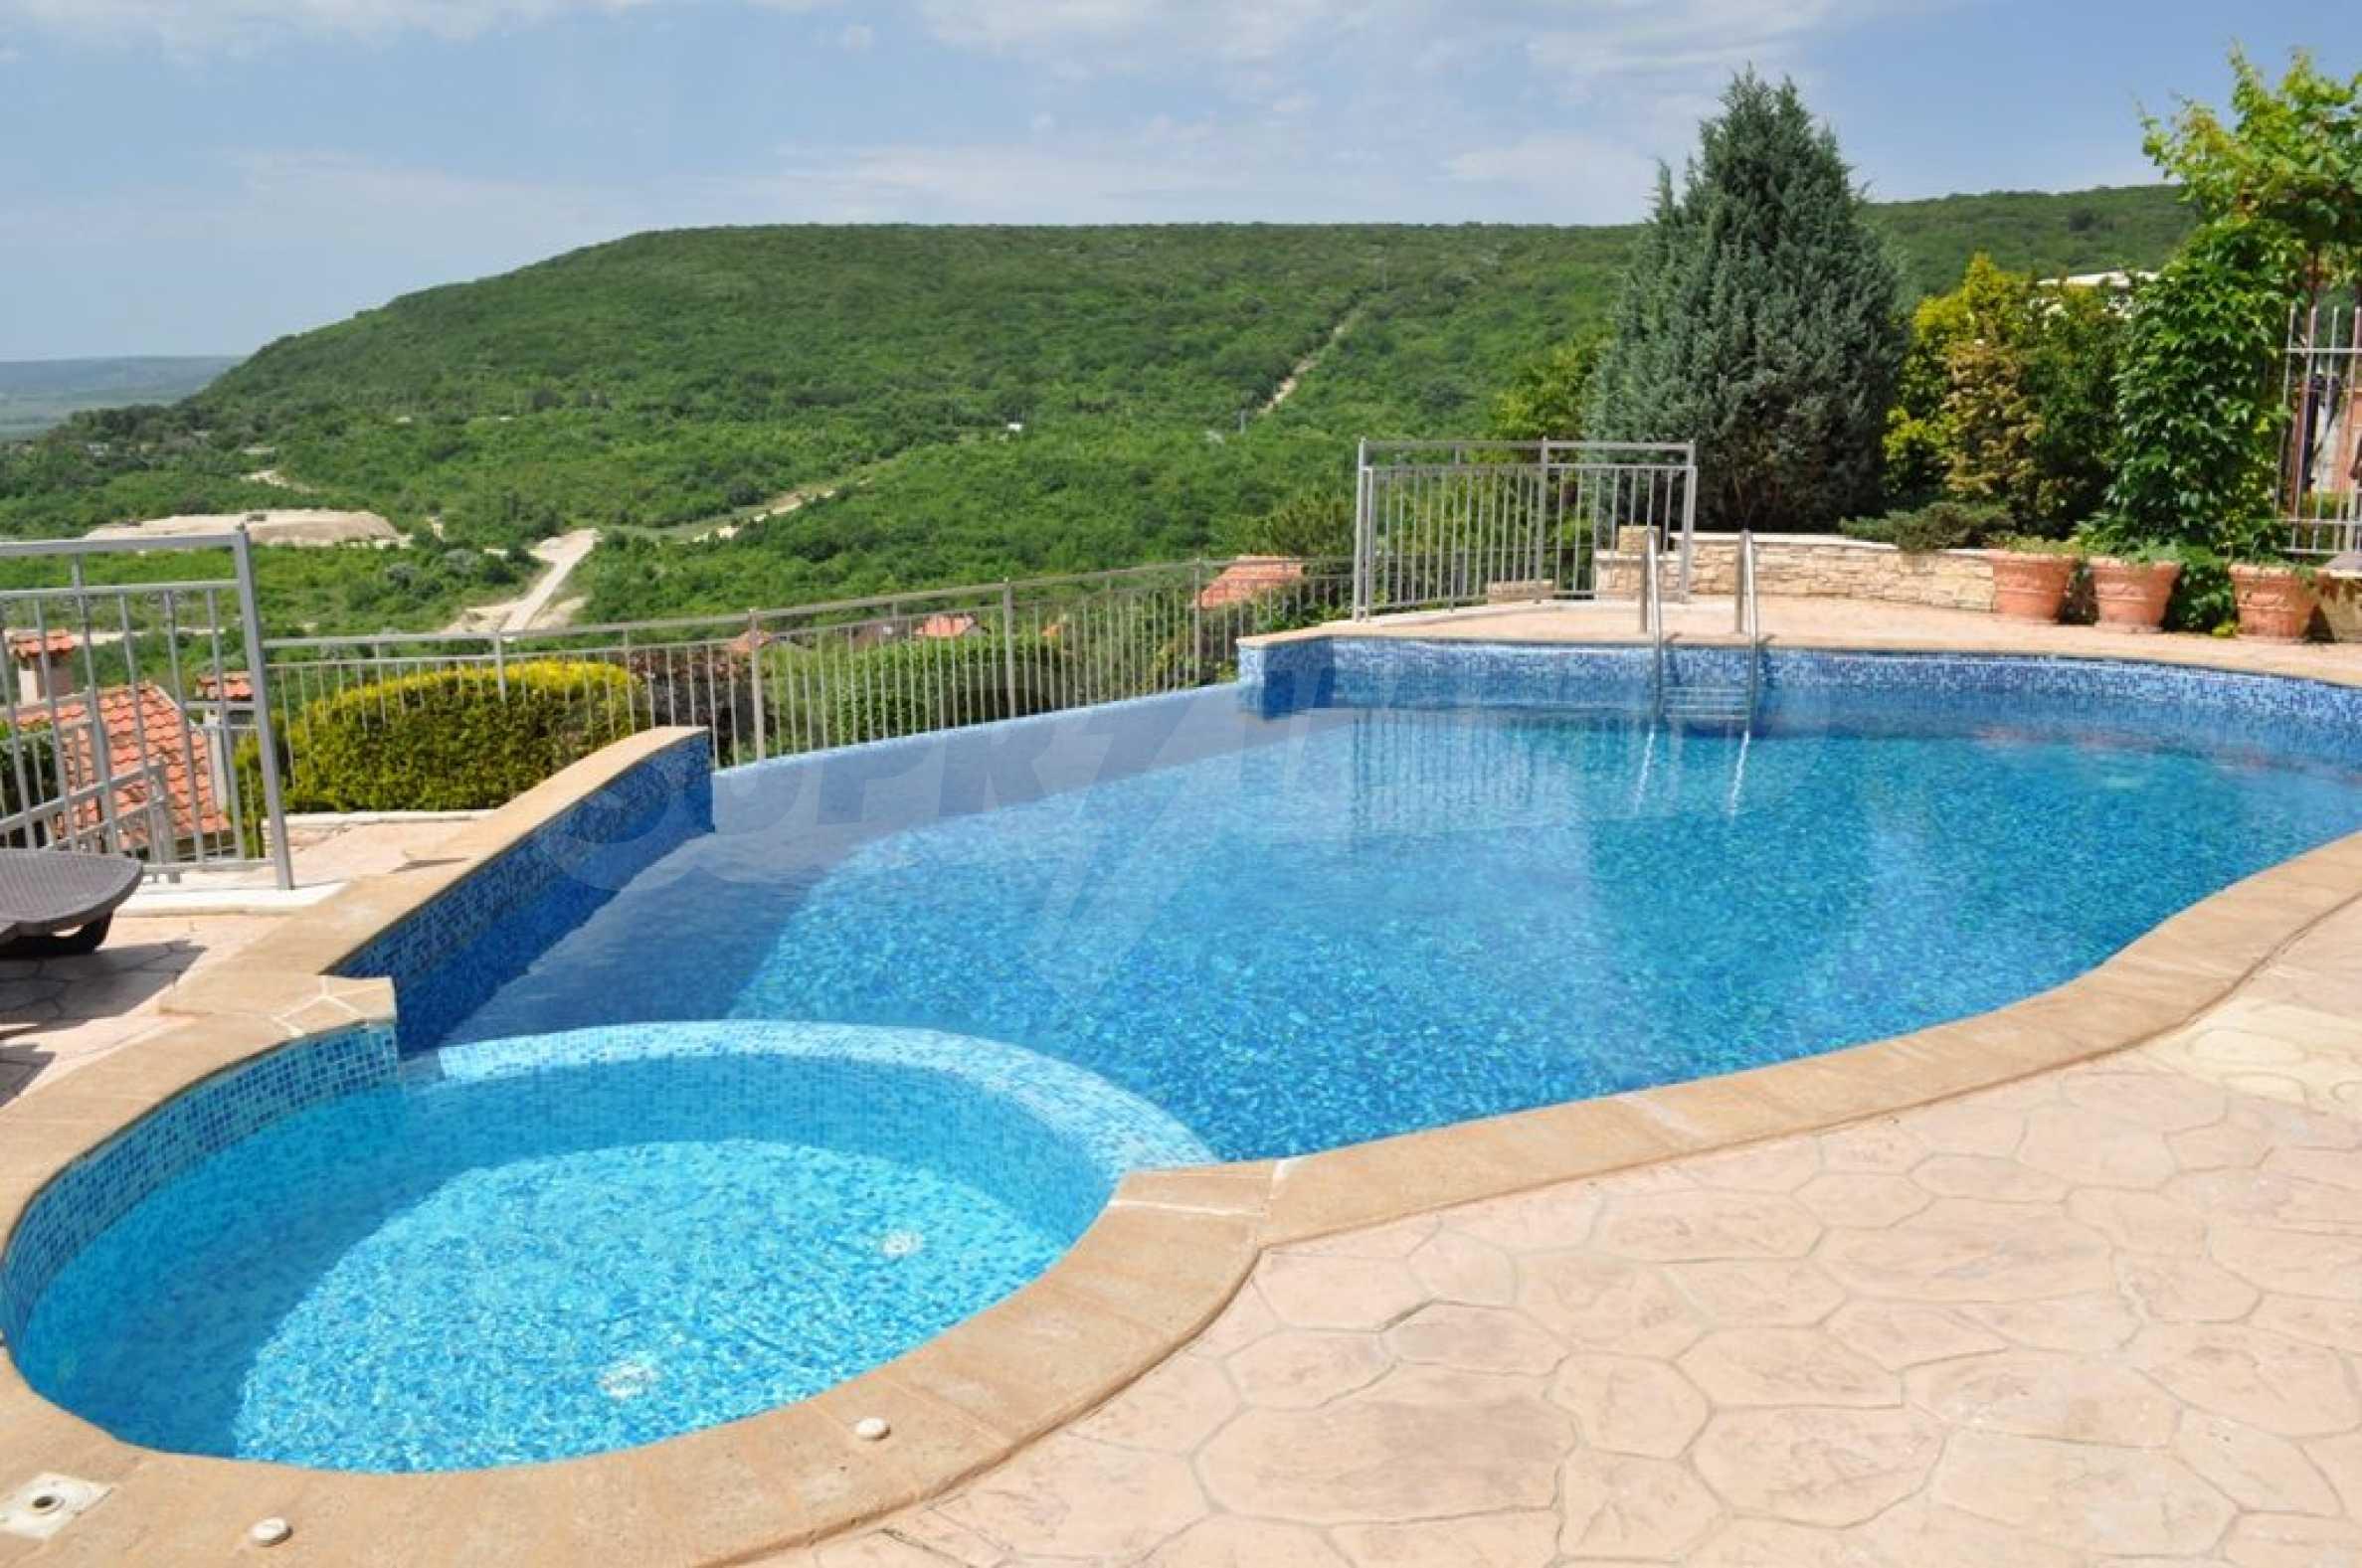 Villa mit Swimmingpool und 6 Schlafzimmern in der Nähe des Resorts Albena 6